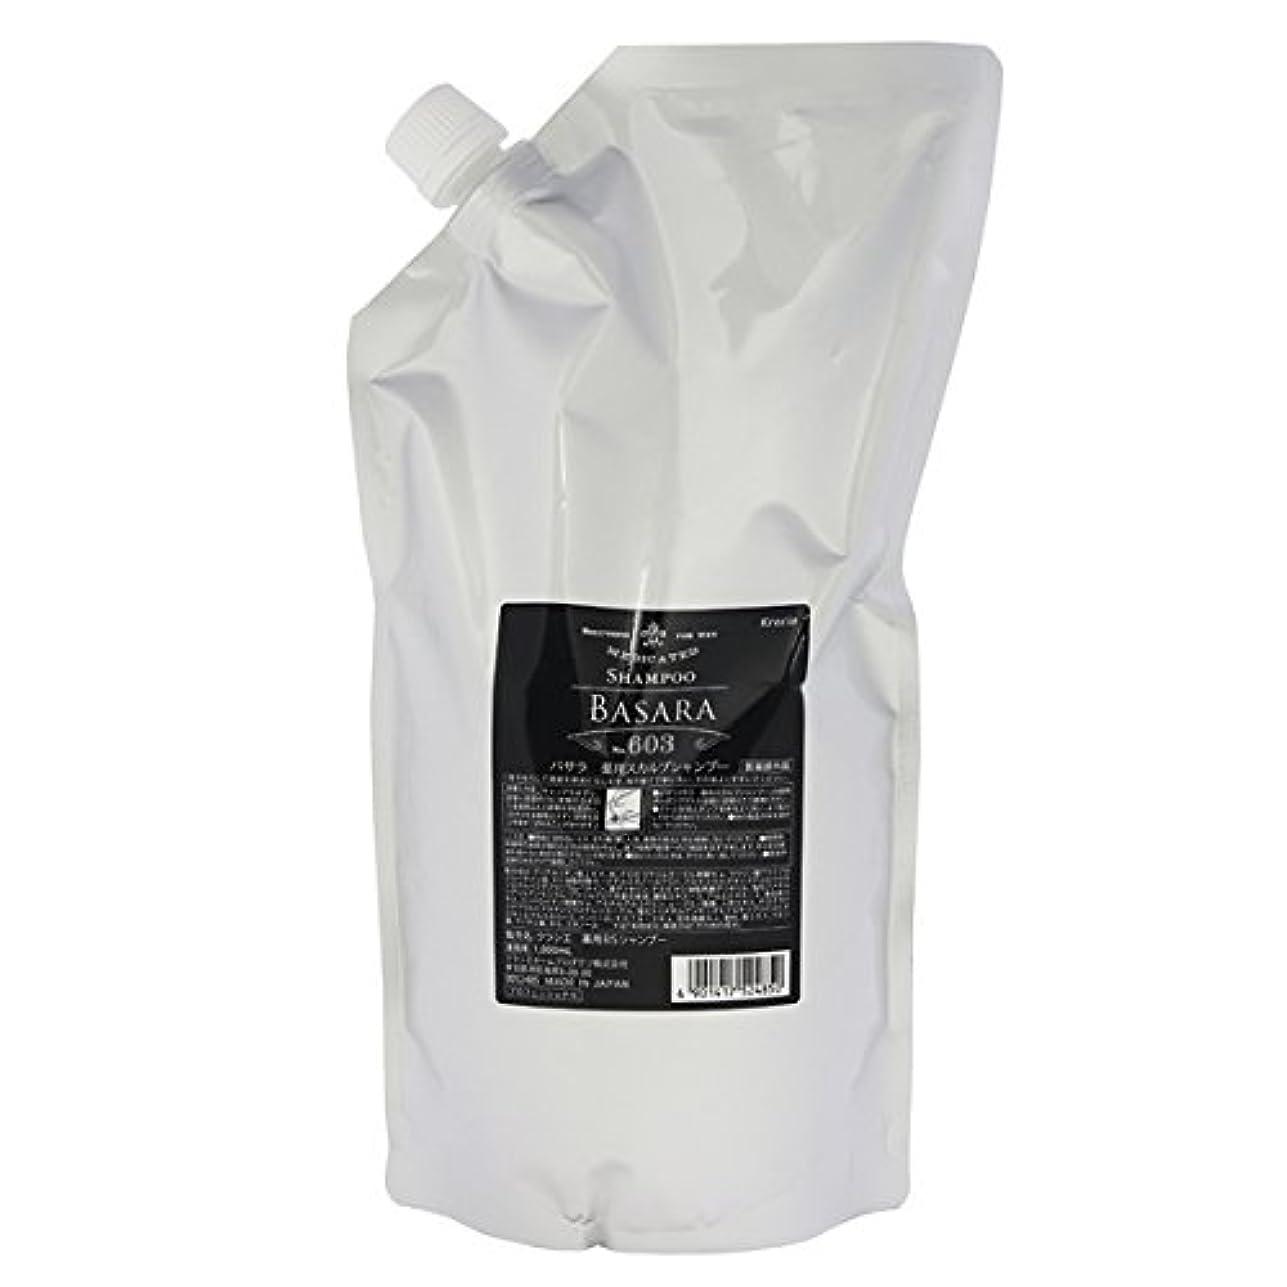 グラスレディ肉クラシエ バサラ 薬用スカルプ シャンプー 603 1000ml レフィル